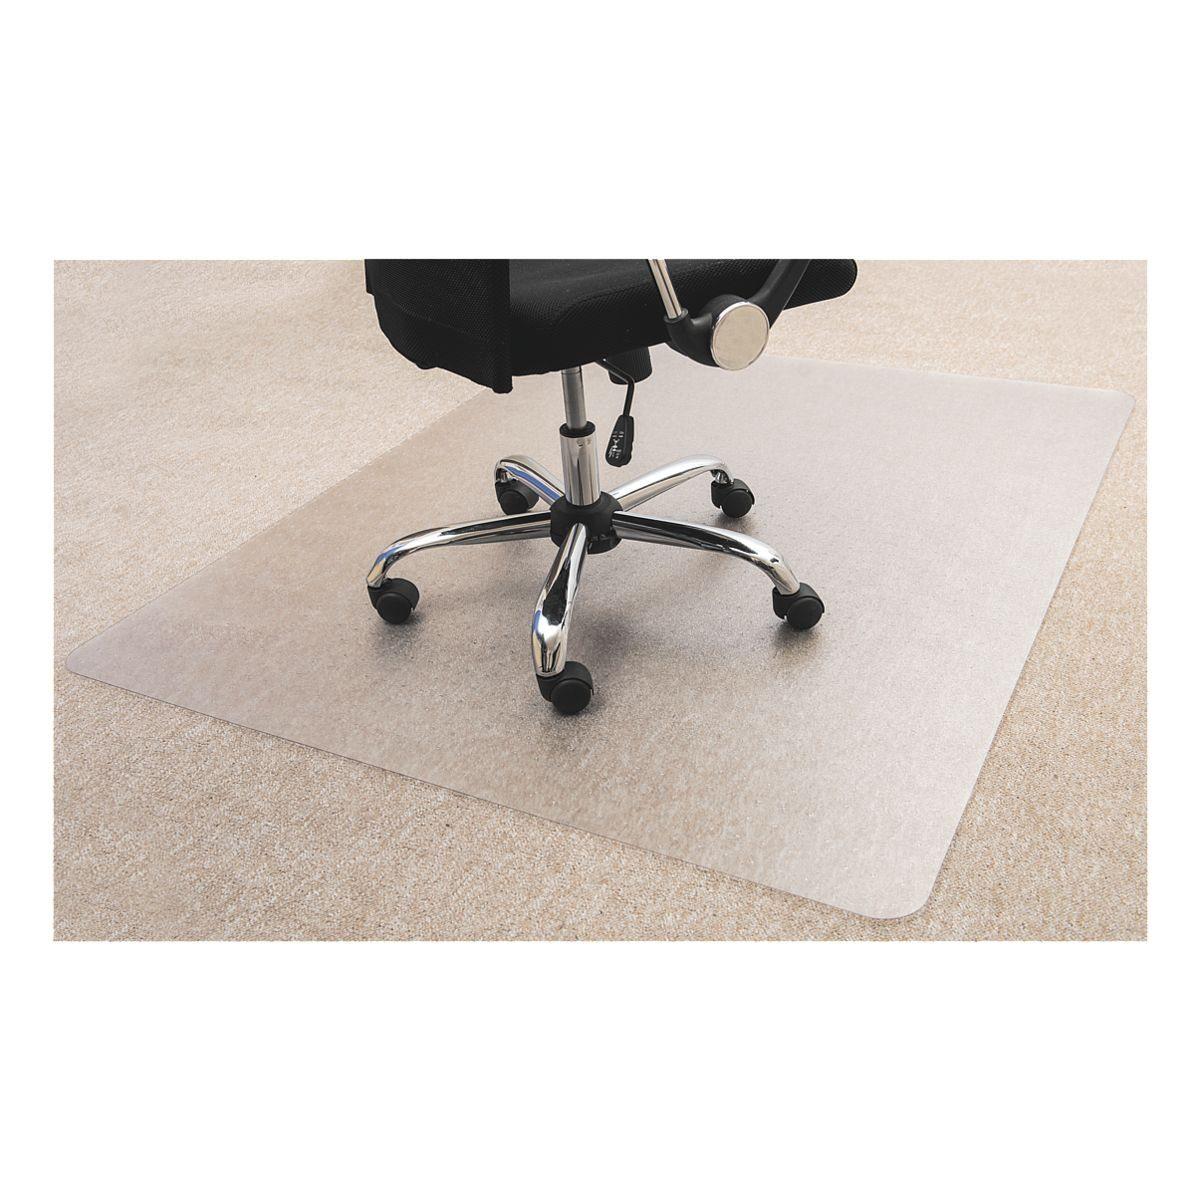 OTTOOFFICE BUDGET Bodenschutzmatte 120x130 cm, rechteckig, für Teppichboden